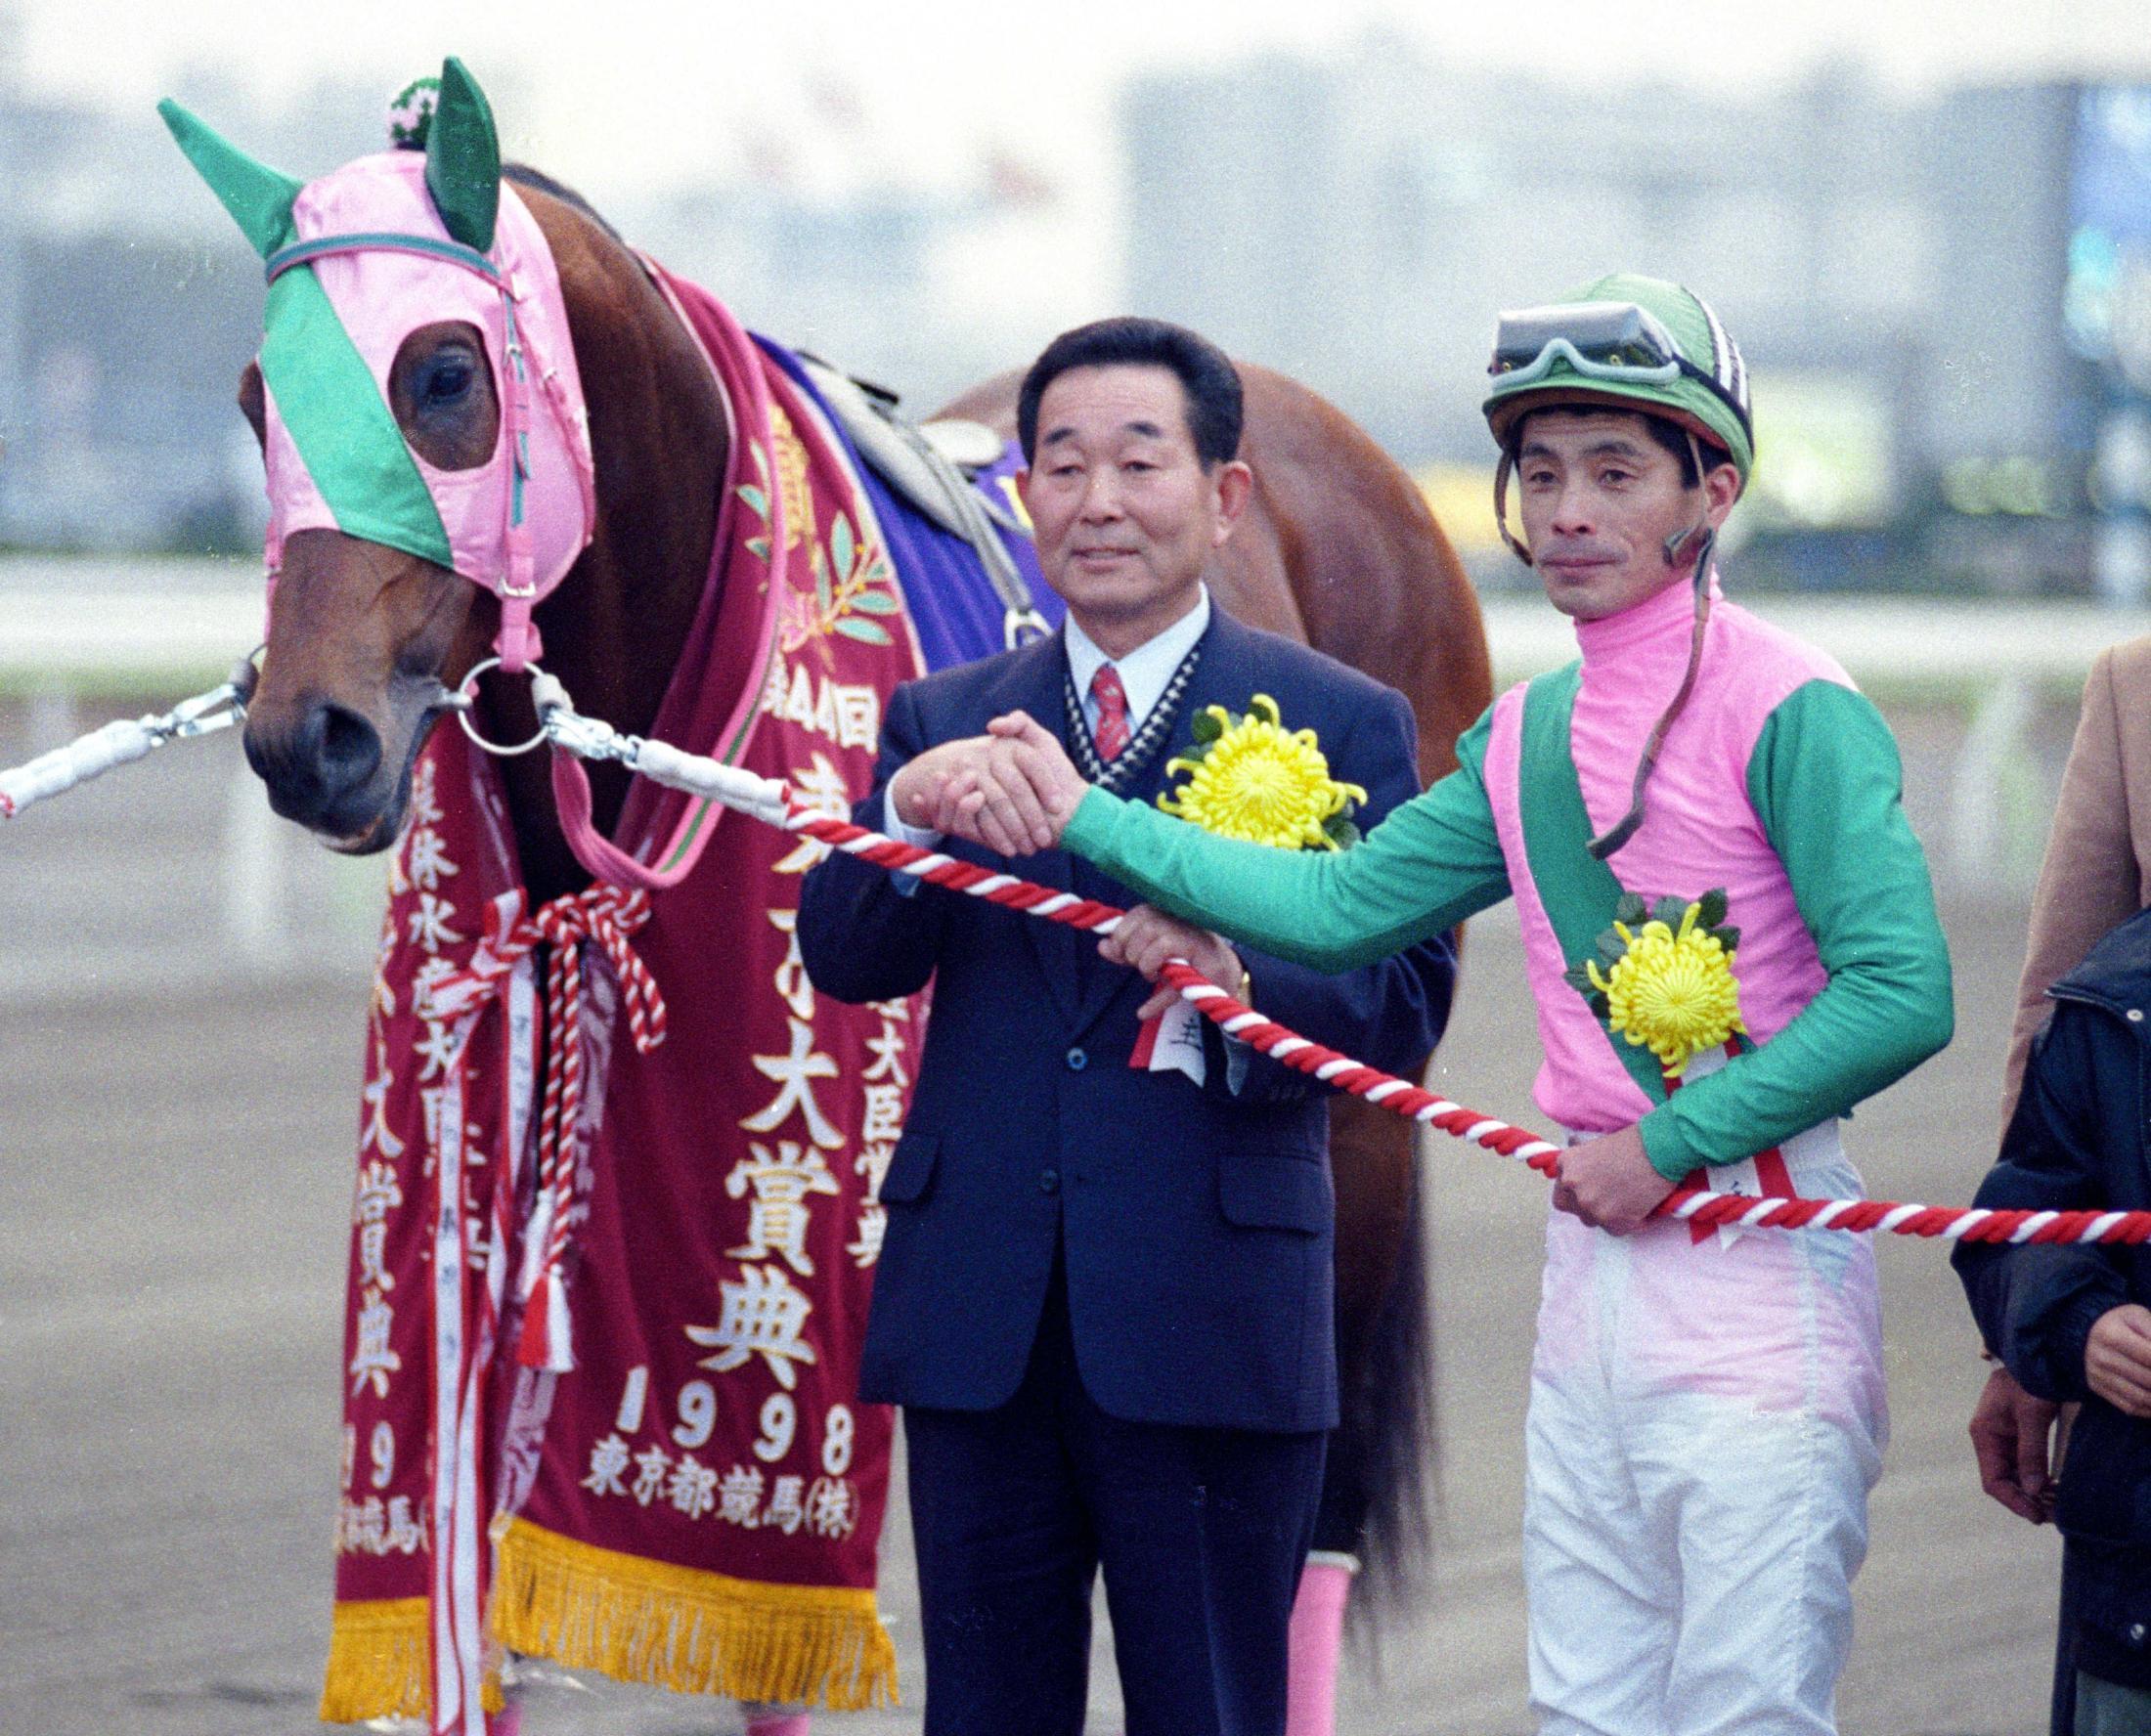 98年東京大賞典を制したアブクマポーロと石崎隆之騎手(右)